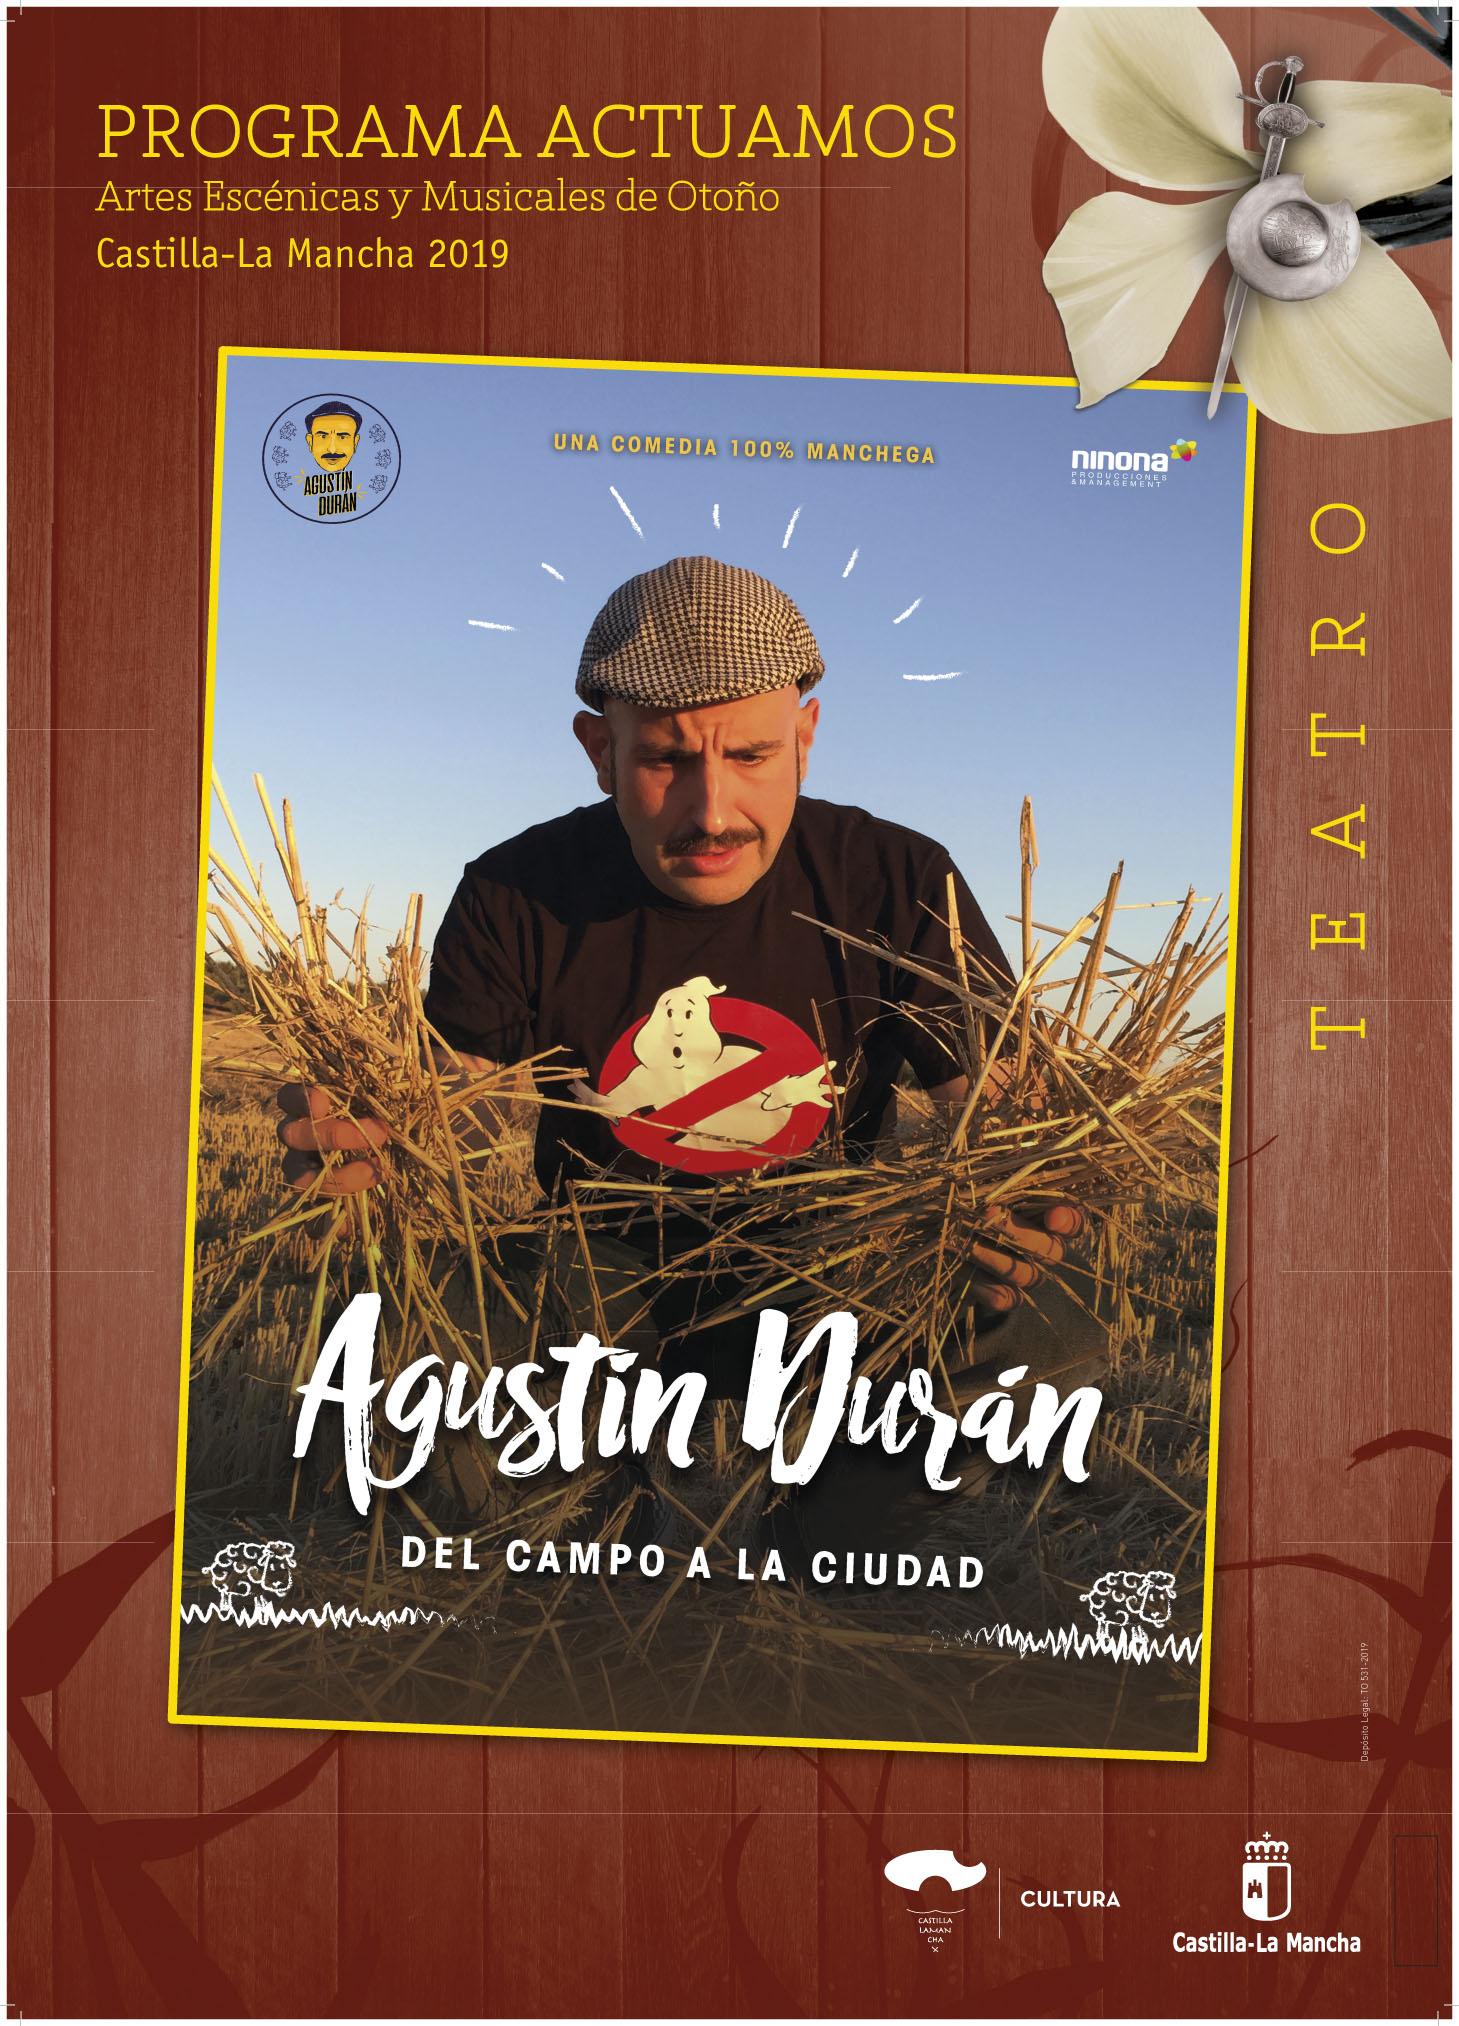 Imagen de la actividad Programa Actuamos.Artes Escénicas y Musicales de Otoño. Castilla-La Mancha 2019. Agustín Durán ``Del campo a la Ciudad´´ . Agustín Durán